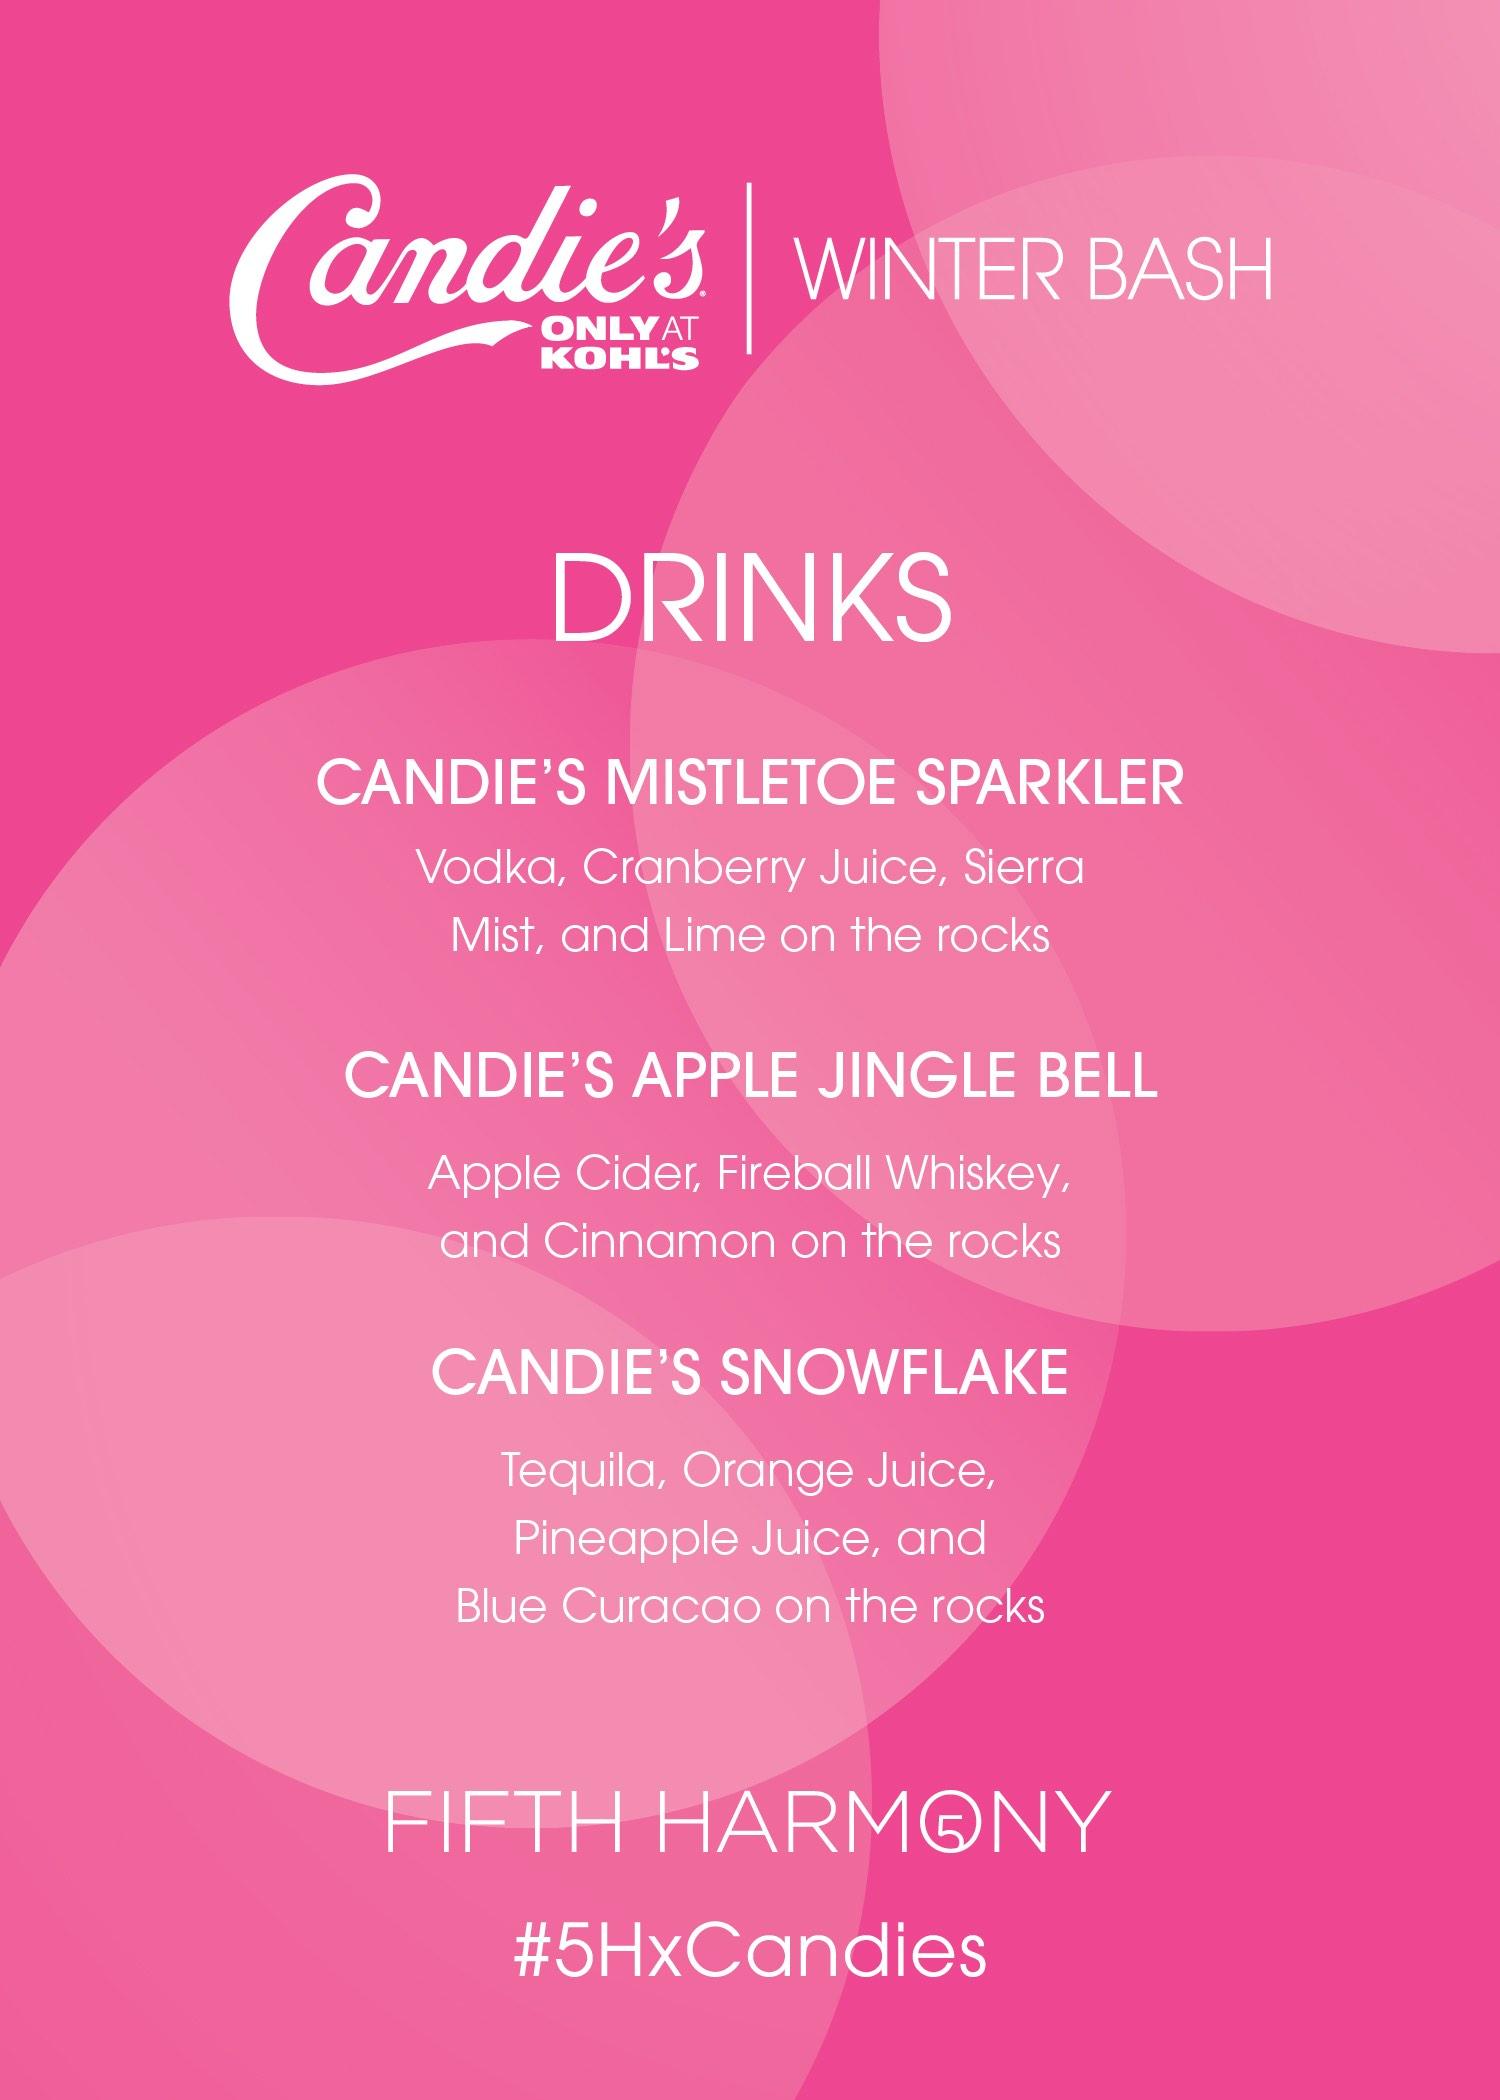 Candies_DrinkMenu_vs02-01.jpg